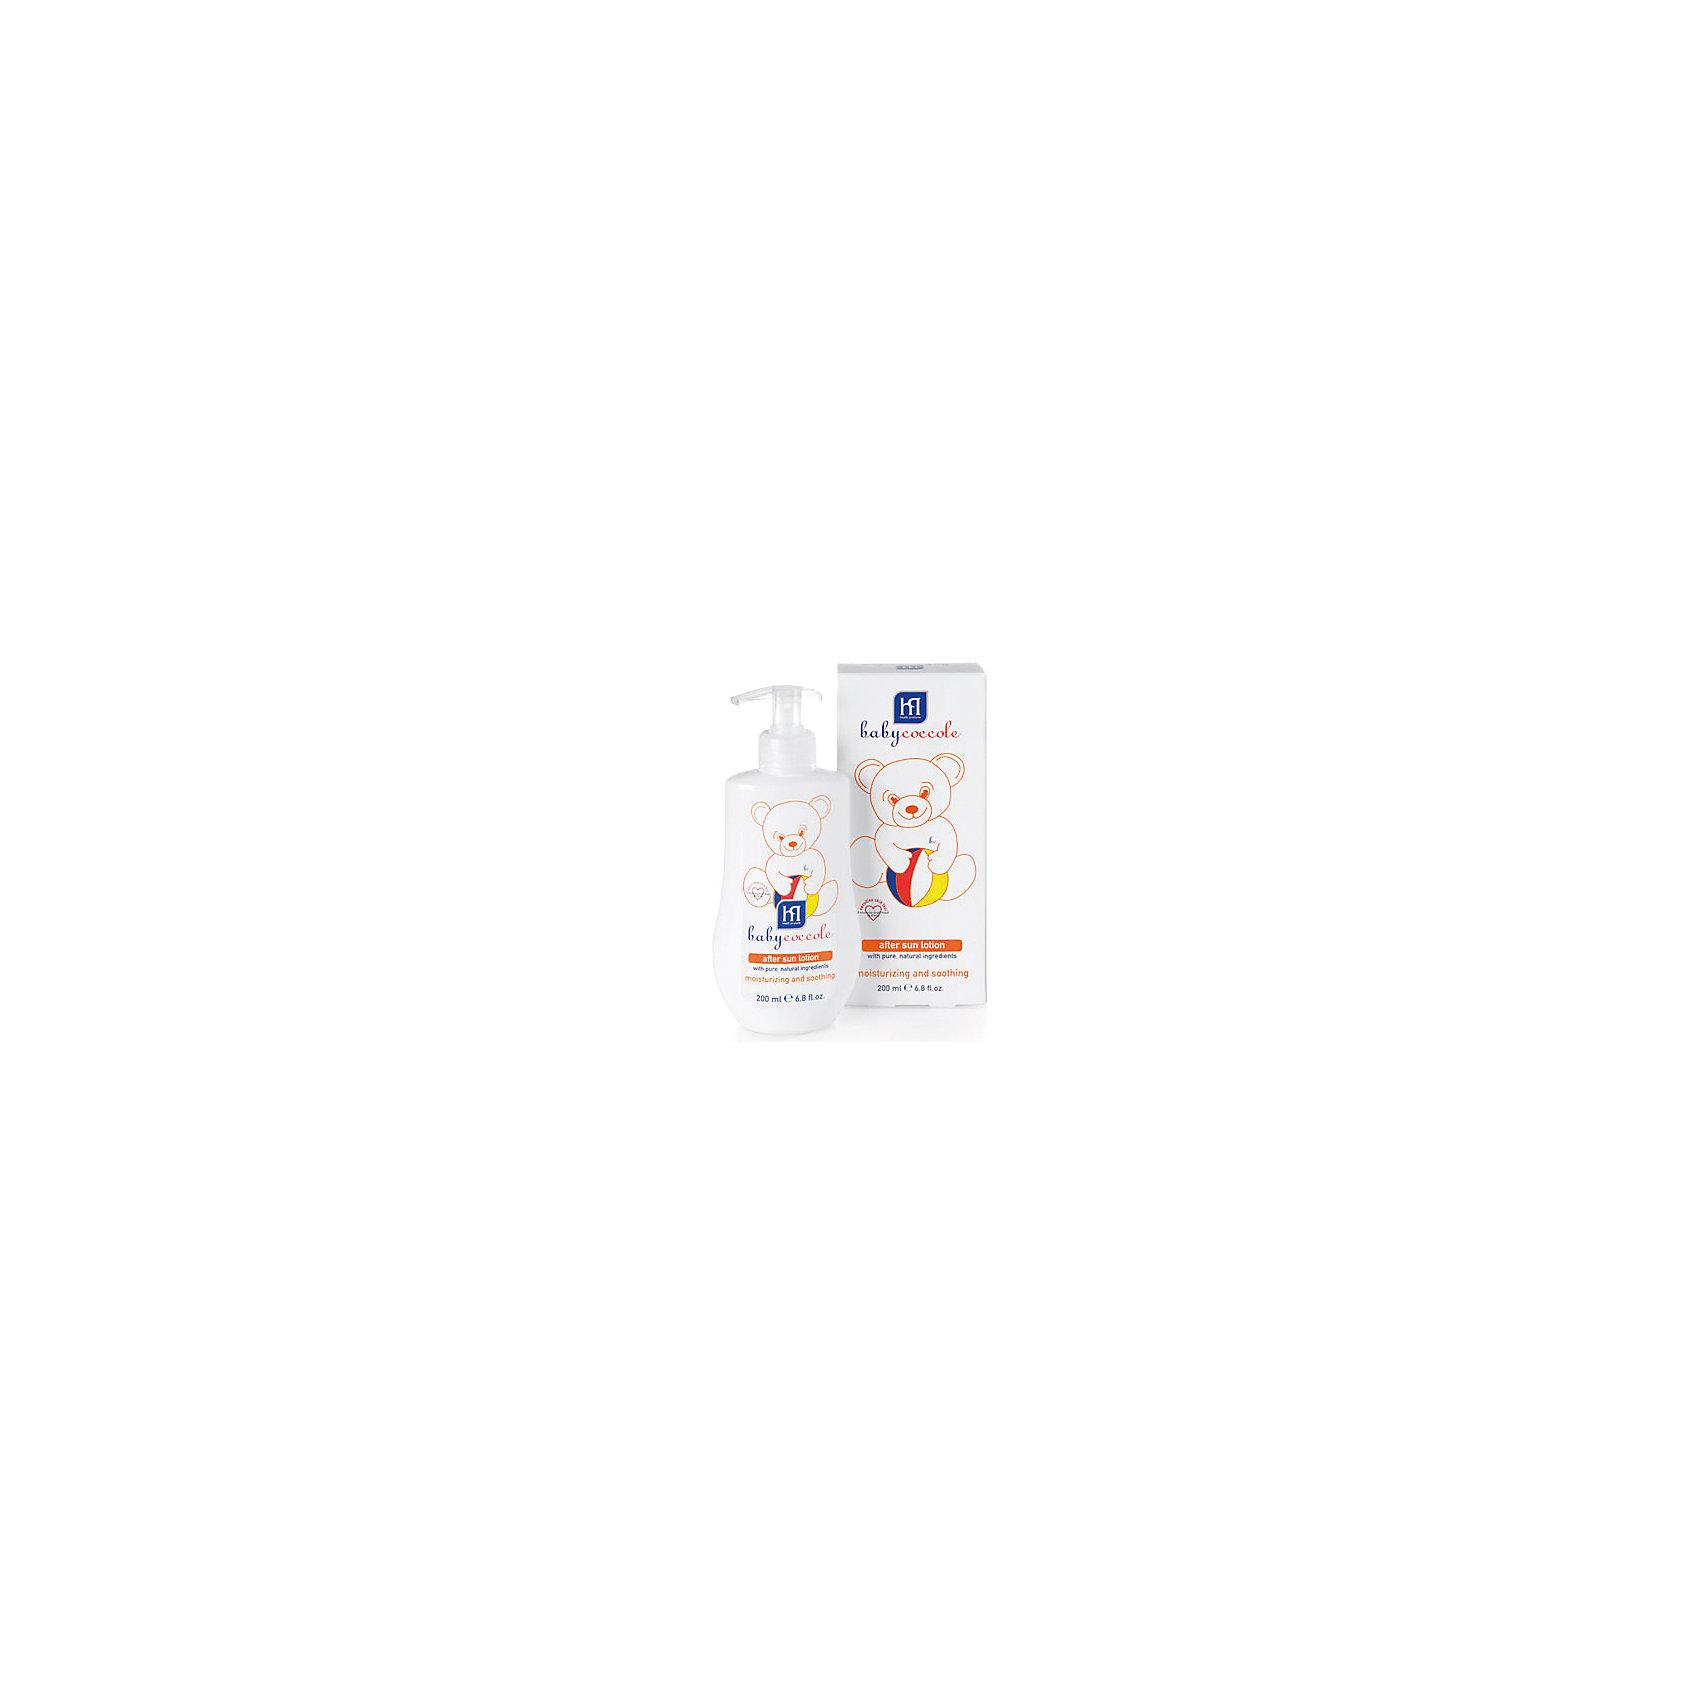 Молочко мягкое после загара 200мл, BabycoccoleСредства защиты от солнца и насекомых<br>Молочко мягкое после загара 200мл, Babycoccole (Бэбикоколле) – для детской кожи, подвергающейся воздействию солнечных лучей. <br>Мягкое молочко после загара с питательным и успокаивающим эффектом нежно заботится о детской коже. Оно увлажняет и смягчает, благодаря чистым натуральным компонентам, таким как бисаболол ромашки и протеины миндаля. Гипоаллергенно, обладает физиологическим уровнем pH. Без парфюмерных добавок, не содержит спирта, без красителей. Babyсoccole (Бэбикоколле) включает все линии косметики, необходимые для ухода за кожей новорожденных. Косметика Babycoccole (Бэбикоколле) – это чистые и натуральные решения, созданные самой природой, потому что они основаны на использовании лучших и наиболее эффективных свойств компонентов растений. Косметика создана в результате глубоких исследований, для ухода за нежной кожей новорожденных и маленьких детей. Разработана и произведена в лаборатории Betafarma, Италия. Клинически протестирована, соответствует Европейской директиве 2003/15/СЕЕ, которая регулирует вопрос о недопустимости в содержании аллергических веществ. Для косметических средств характерен легкий мягкий запах мускуса с цитрусовой ноткой, который так подходит и нравится детям.<br><br>Дополнительная информация:<br><br>- Объем: 200 мл.<br>- Специально разработано для детей с самого рождения<br>- Не содержит потенциально агрессивных ПАВ, таких как лаурилсульфаты (SLES-SLS)<br>- Максимально снижен риск развития аллергических реакций благодаря оптимально сбалансированному составу, а также использованию испытанных традиционных компонентов растительного происхождения<br>- Используется только экологически чистое сырьё, прошедшее строгий лабораторный контроль<br>- Отсутствие консервантов в синергической (взаимодополняющей) смеси активных ингредиентов гарантирует высокую микробиологическую безопасность продукции<br>- Отсутствуют компоненты животного происхождения, способные в